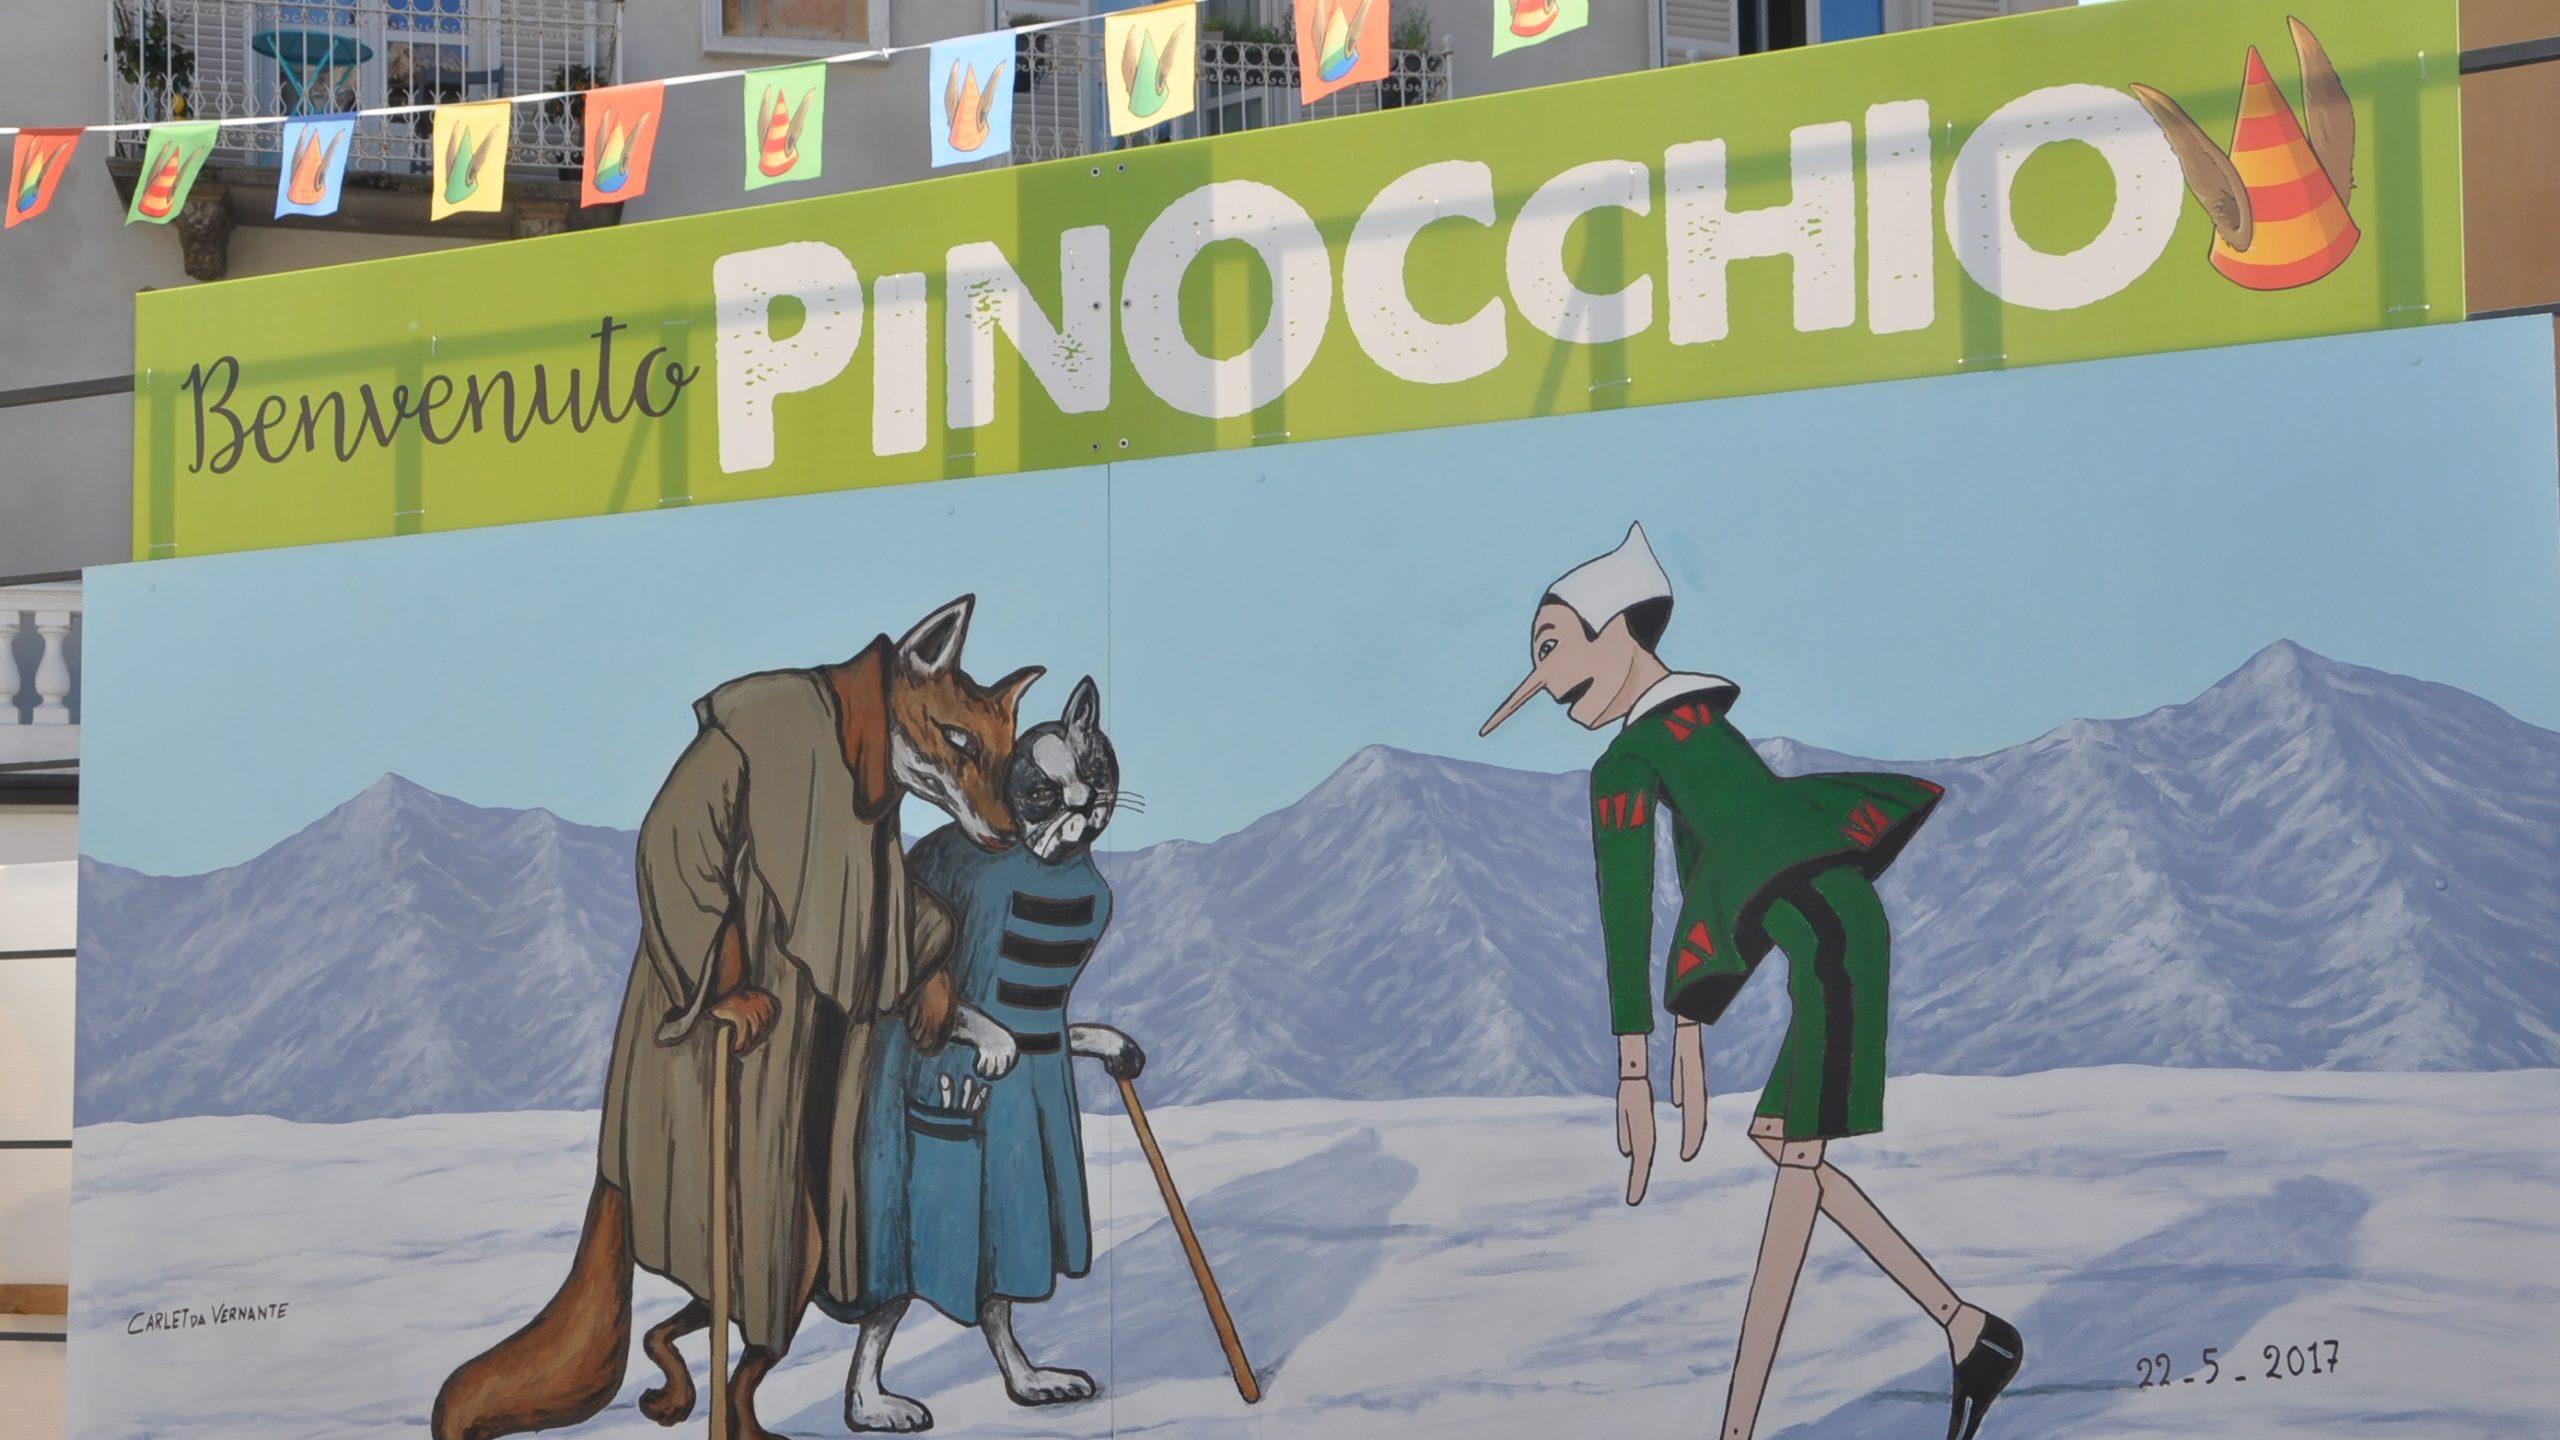 Il pittore Carlèt al lavoro con i murales su Pinocchio per Vivolibro 2017